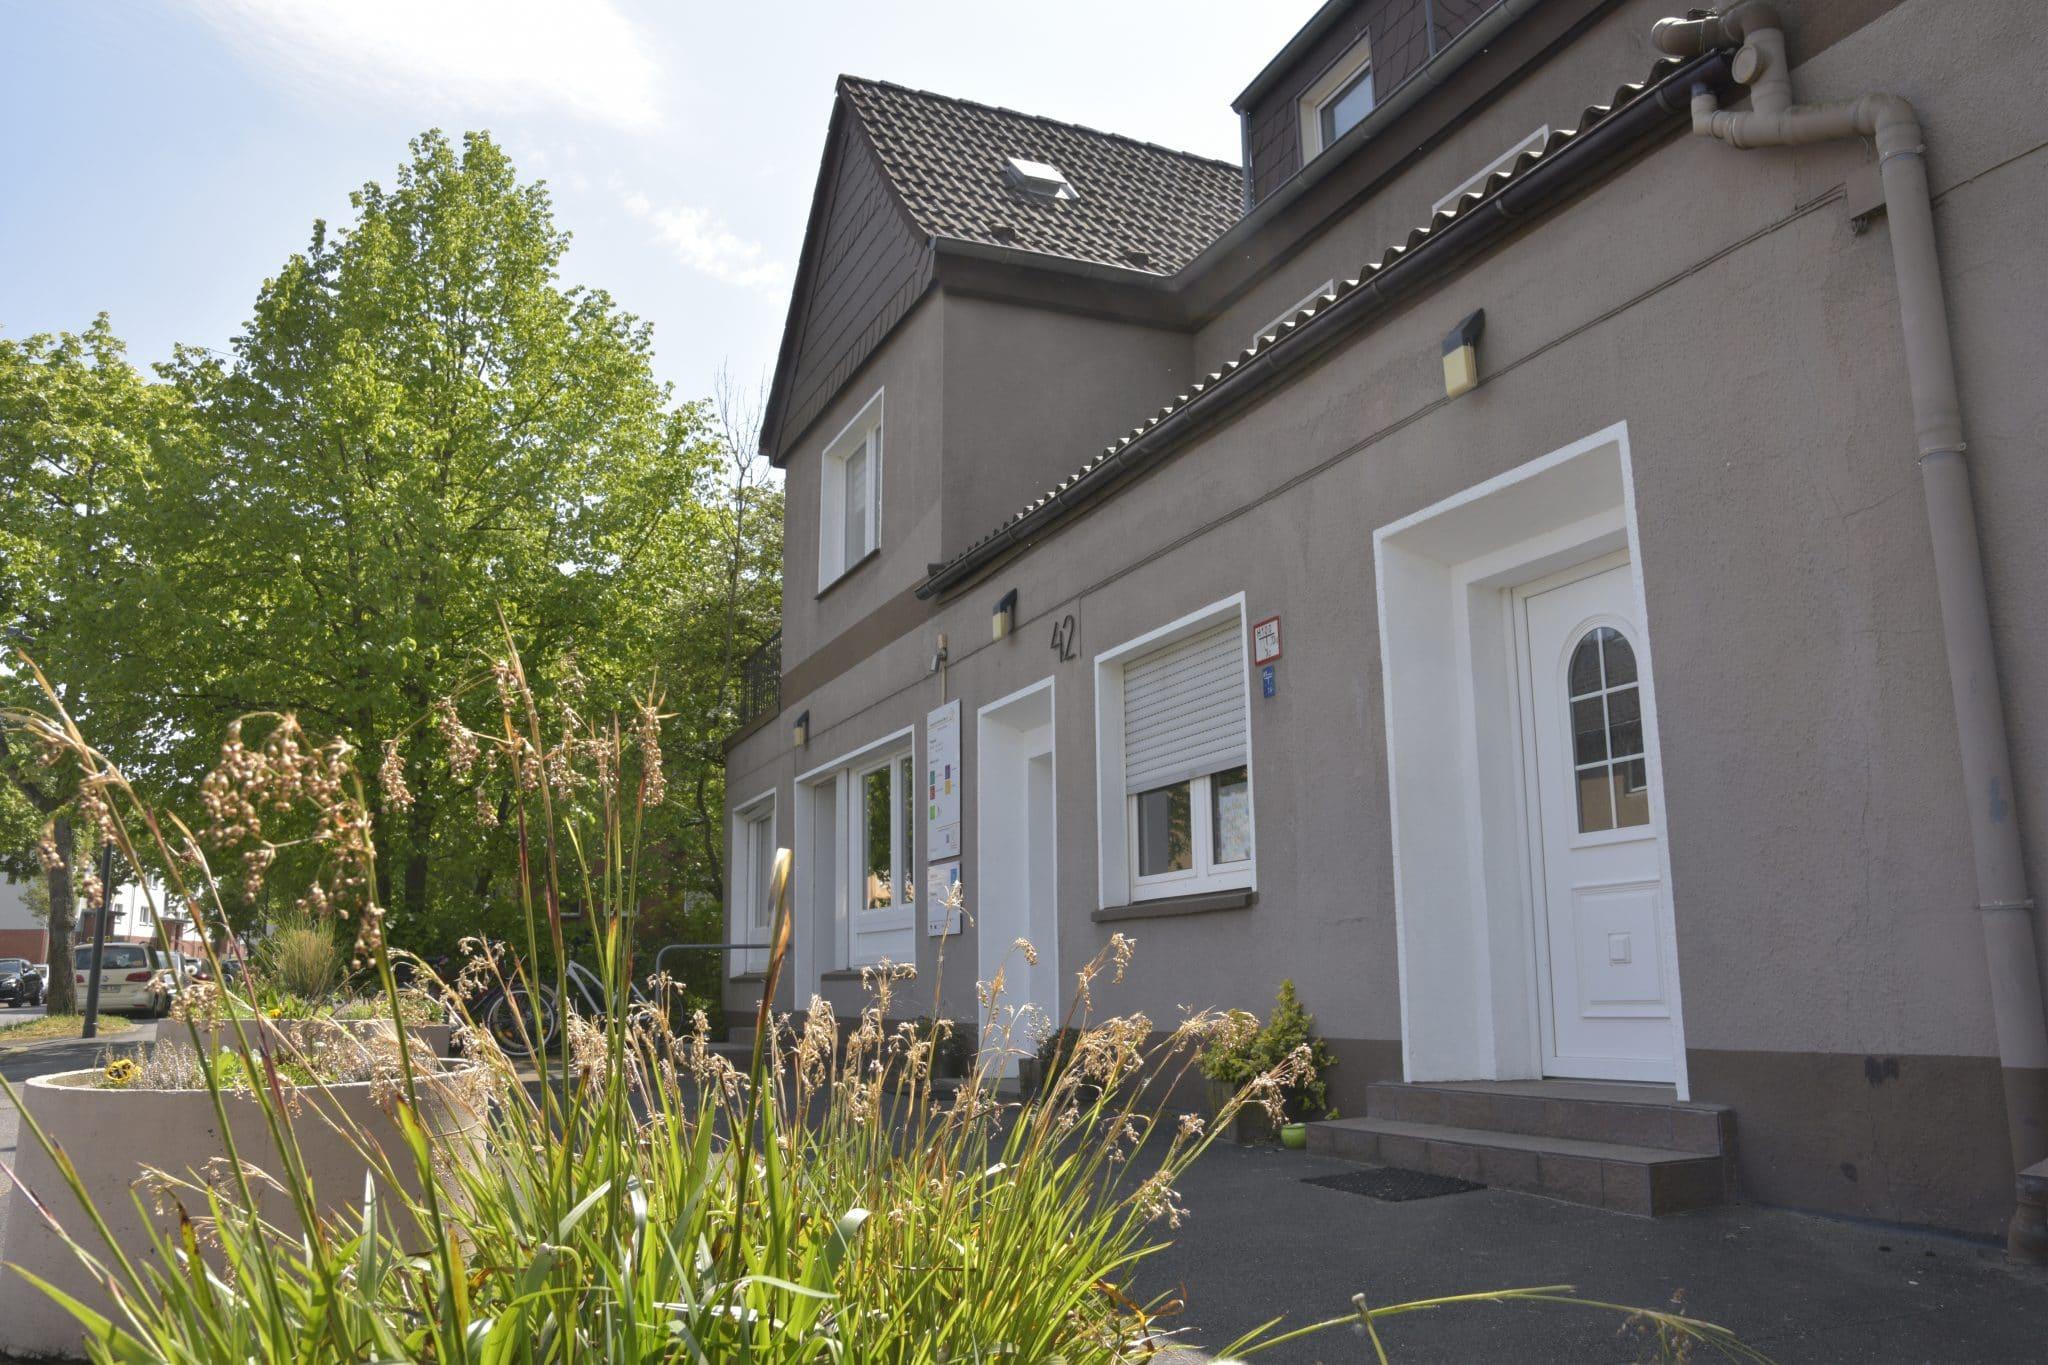 Auch das Frauenzentrum Dortmund mit Sitz in Huckarde gehört zu den Projekten, die gewählt werden können. (Archivfoto: Wir in Dortmund)